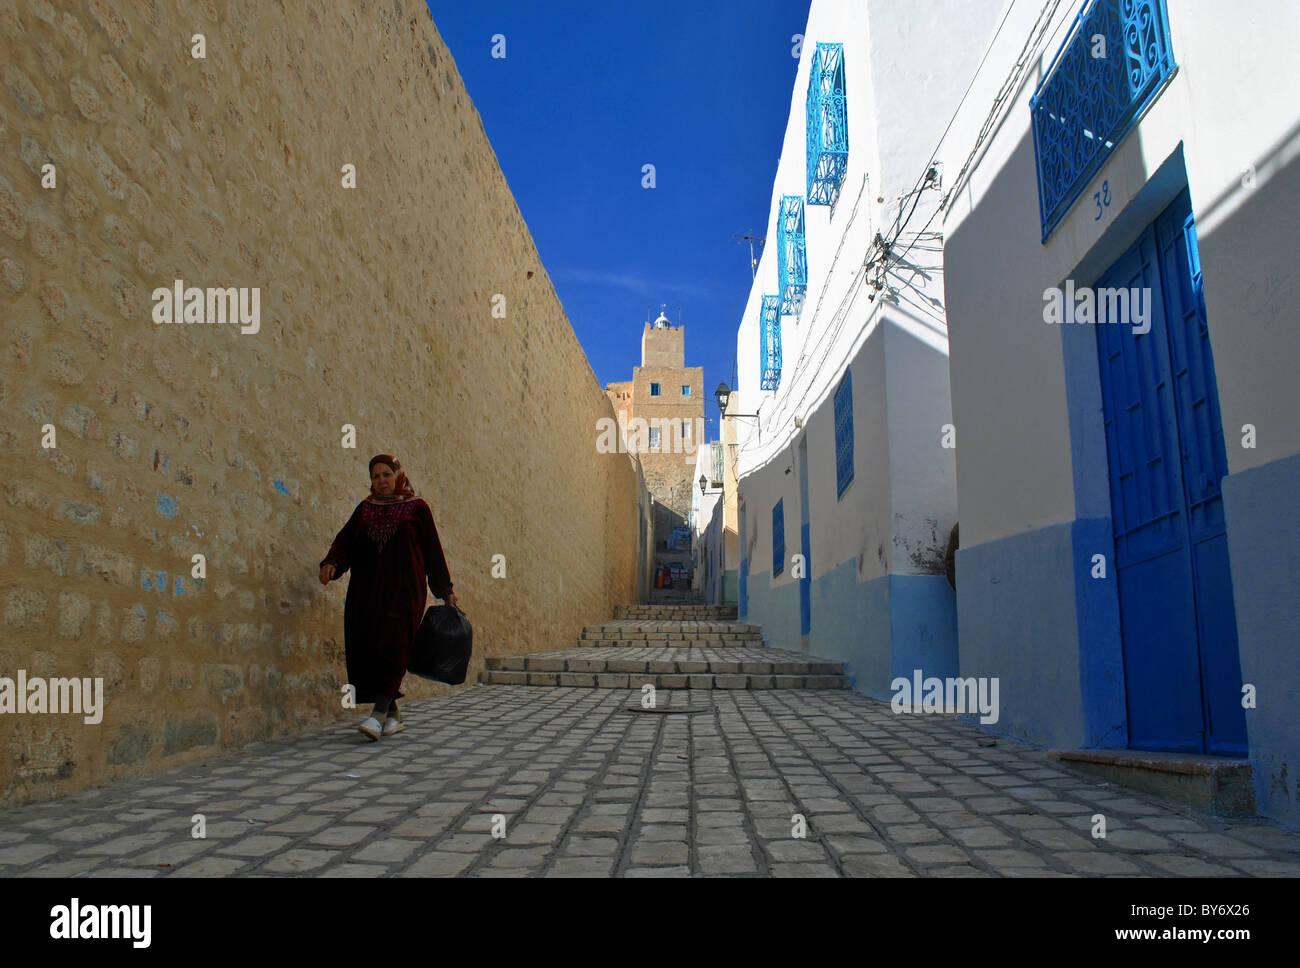 Femme marchant dans une rue de Medina Sousse, Tunisie Photo Stock